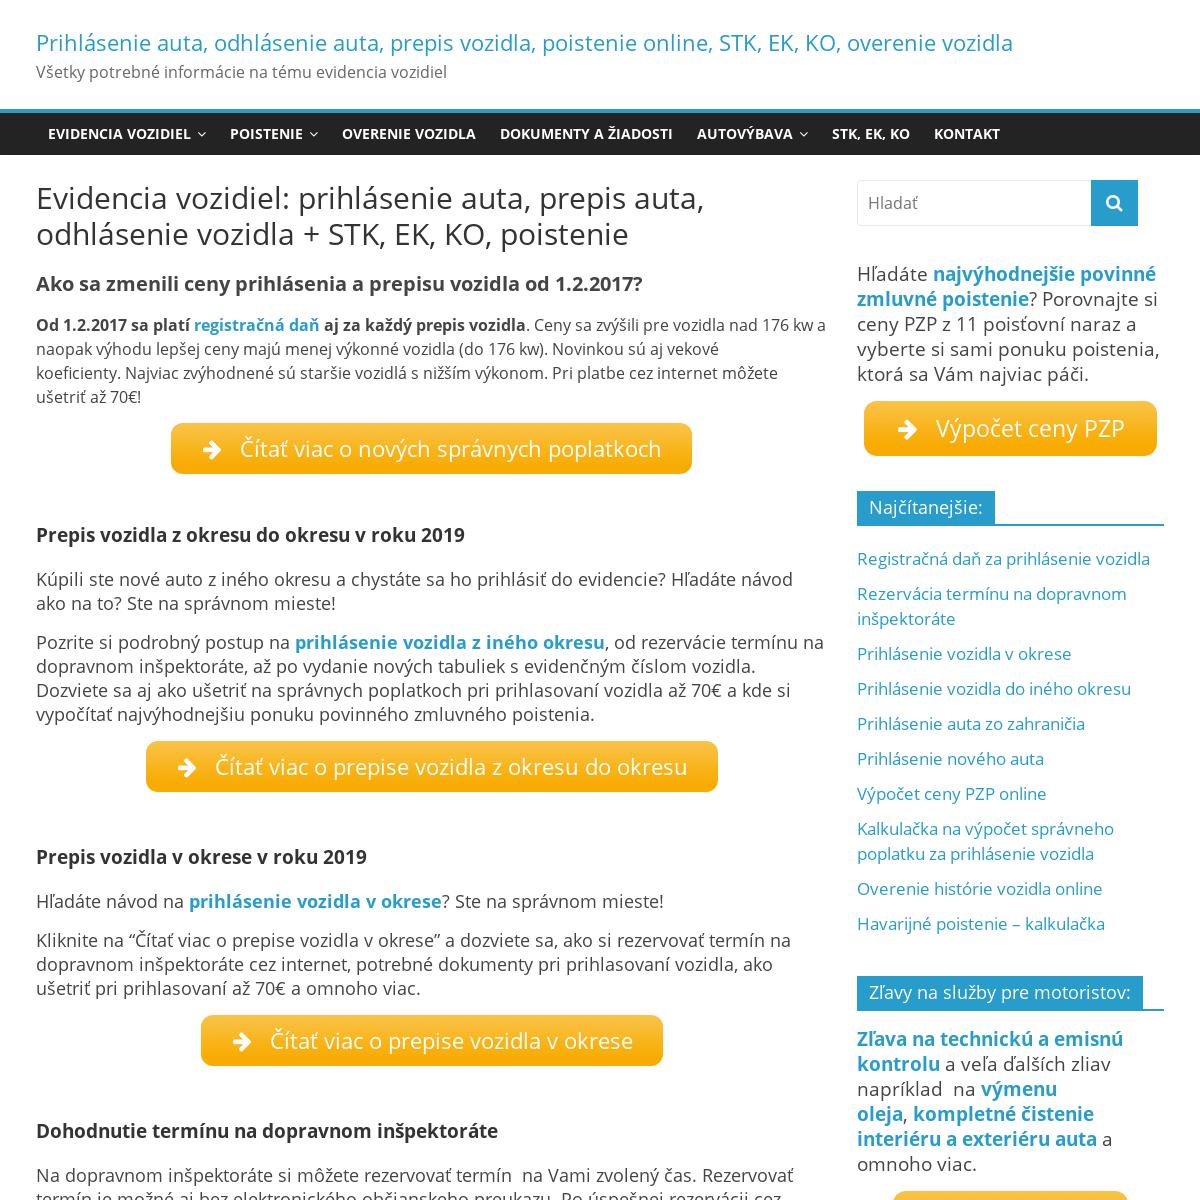 Aký je rozdiel datovania a je spolu